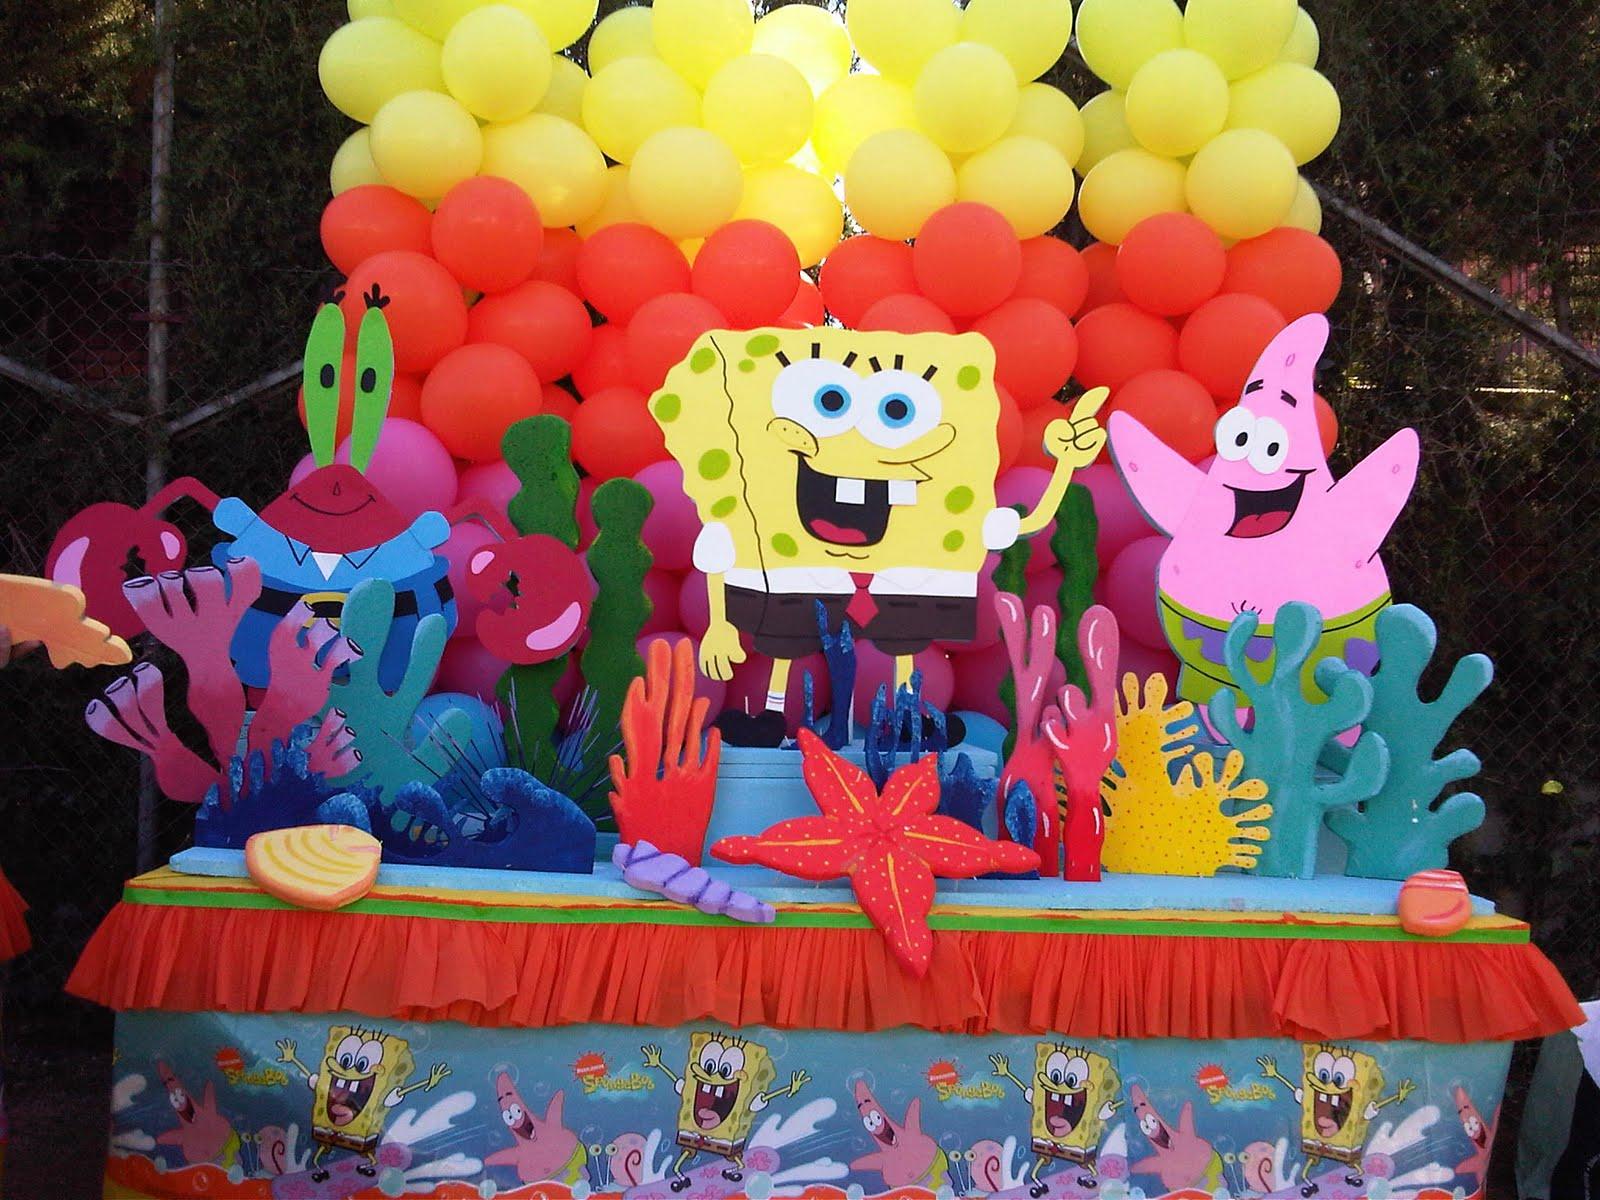 decoraci n de bob esponja para fiestas infantiles imagui